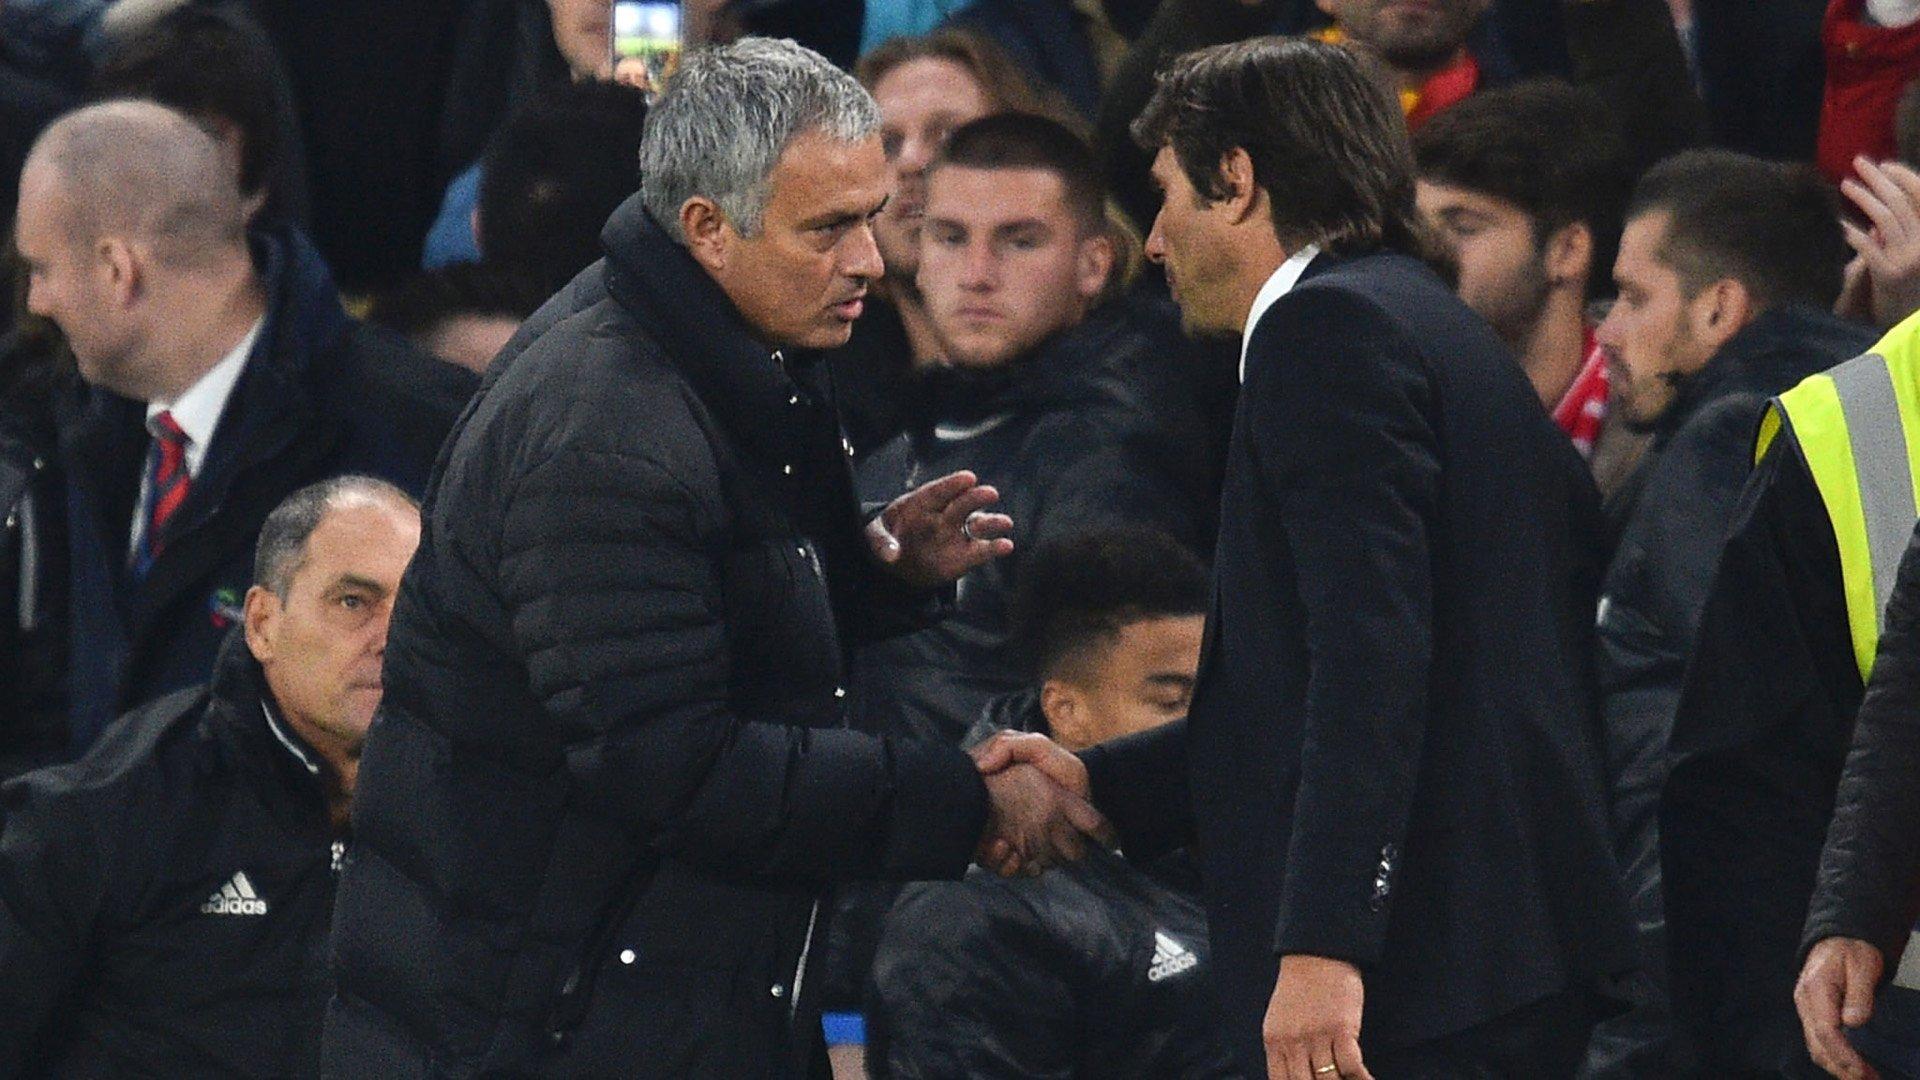 HLV Mourinho: Tôi khinh Antonio Conte, chấm hết - Bóng Đá